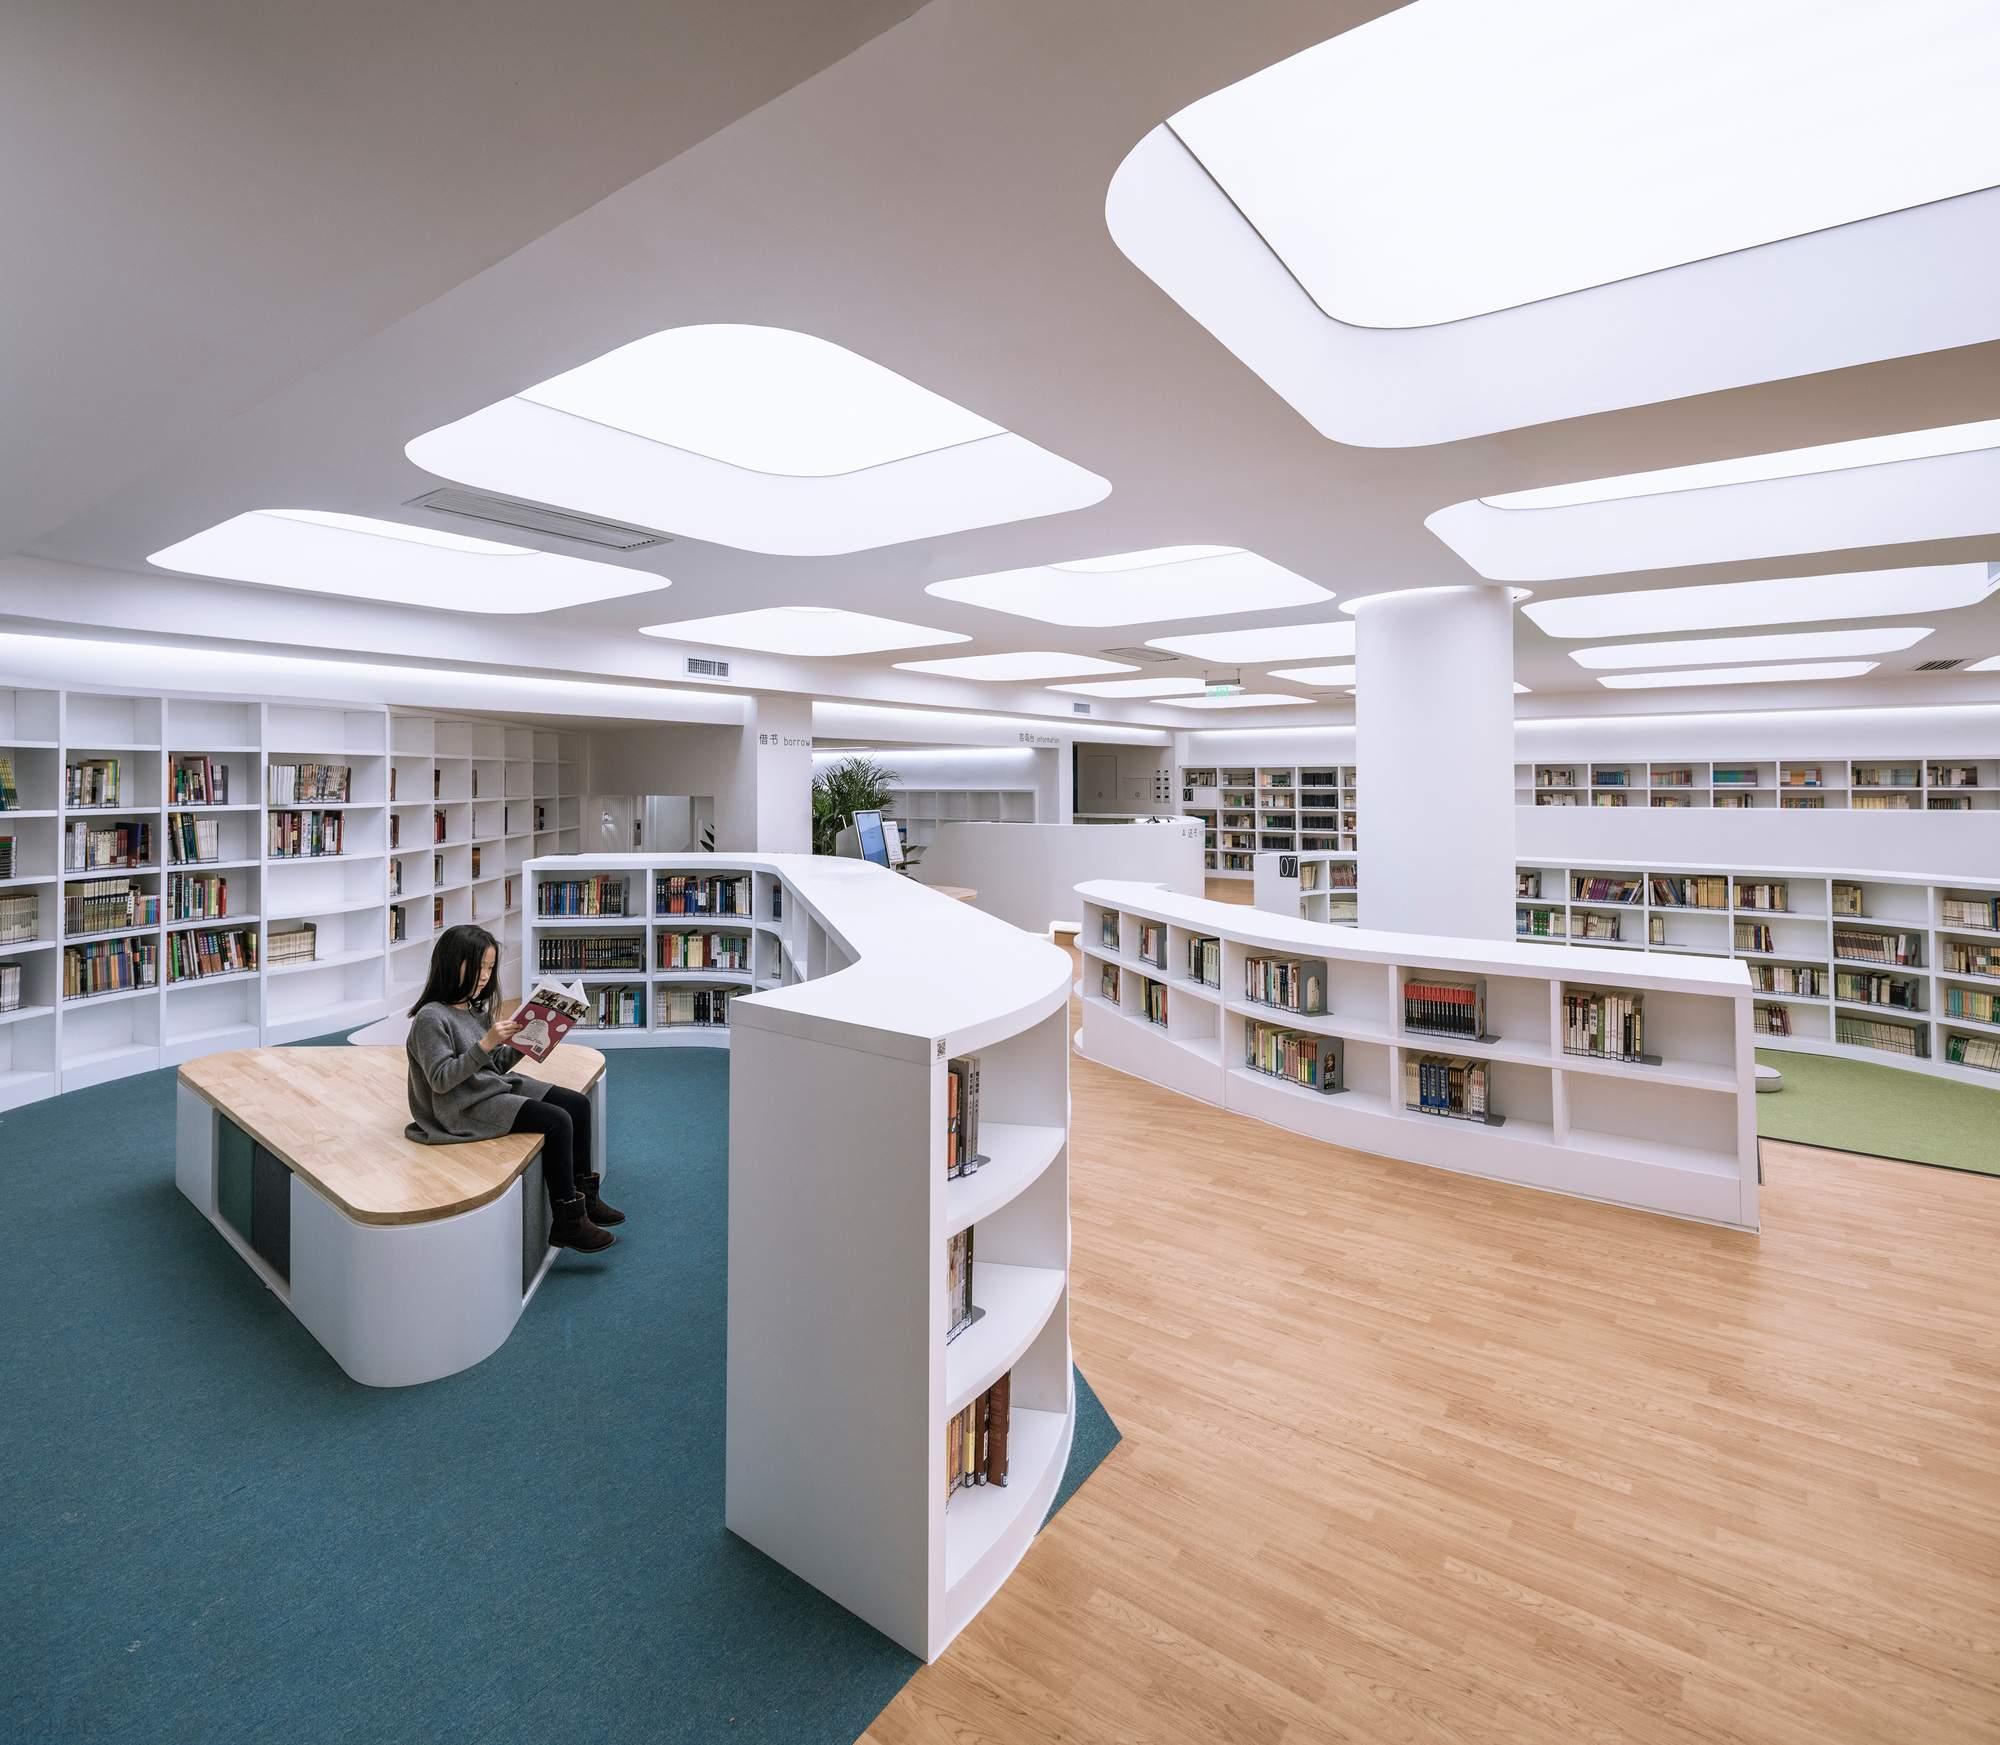 Реконструкция школьной библиотеки в Пекине, Китай